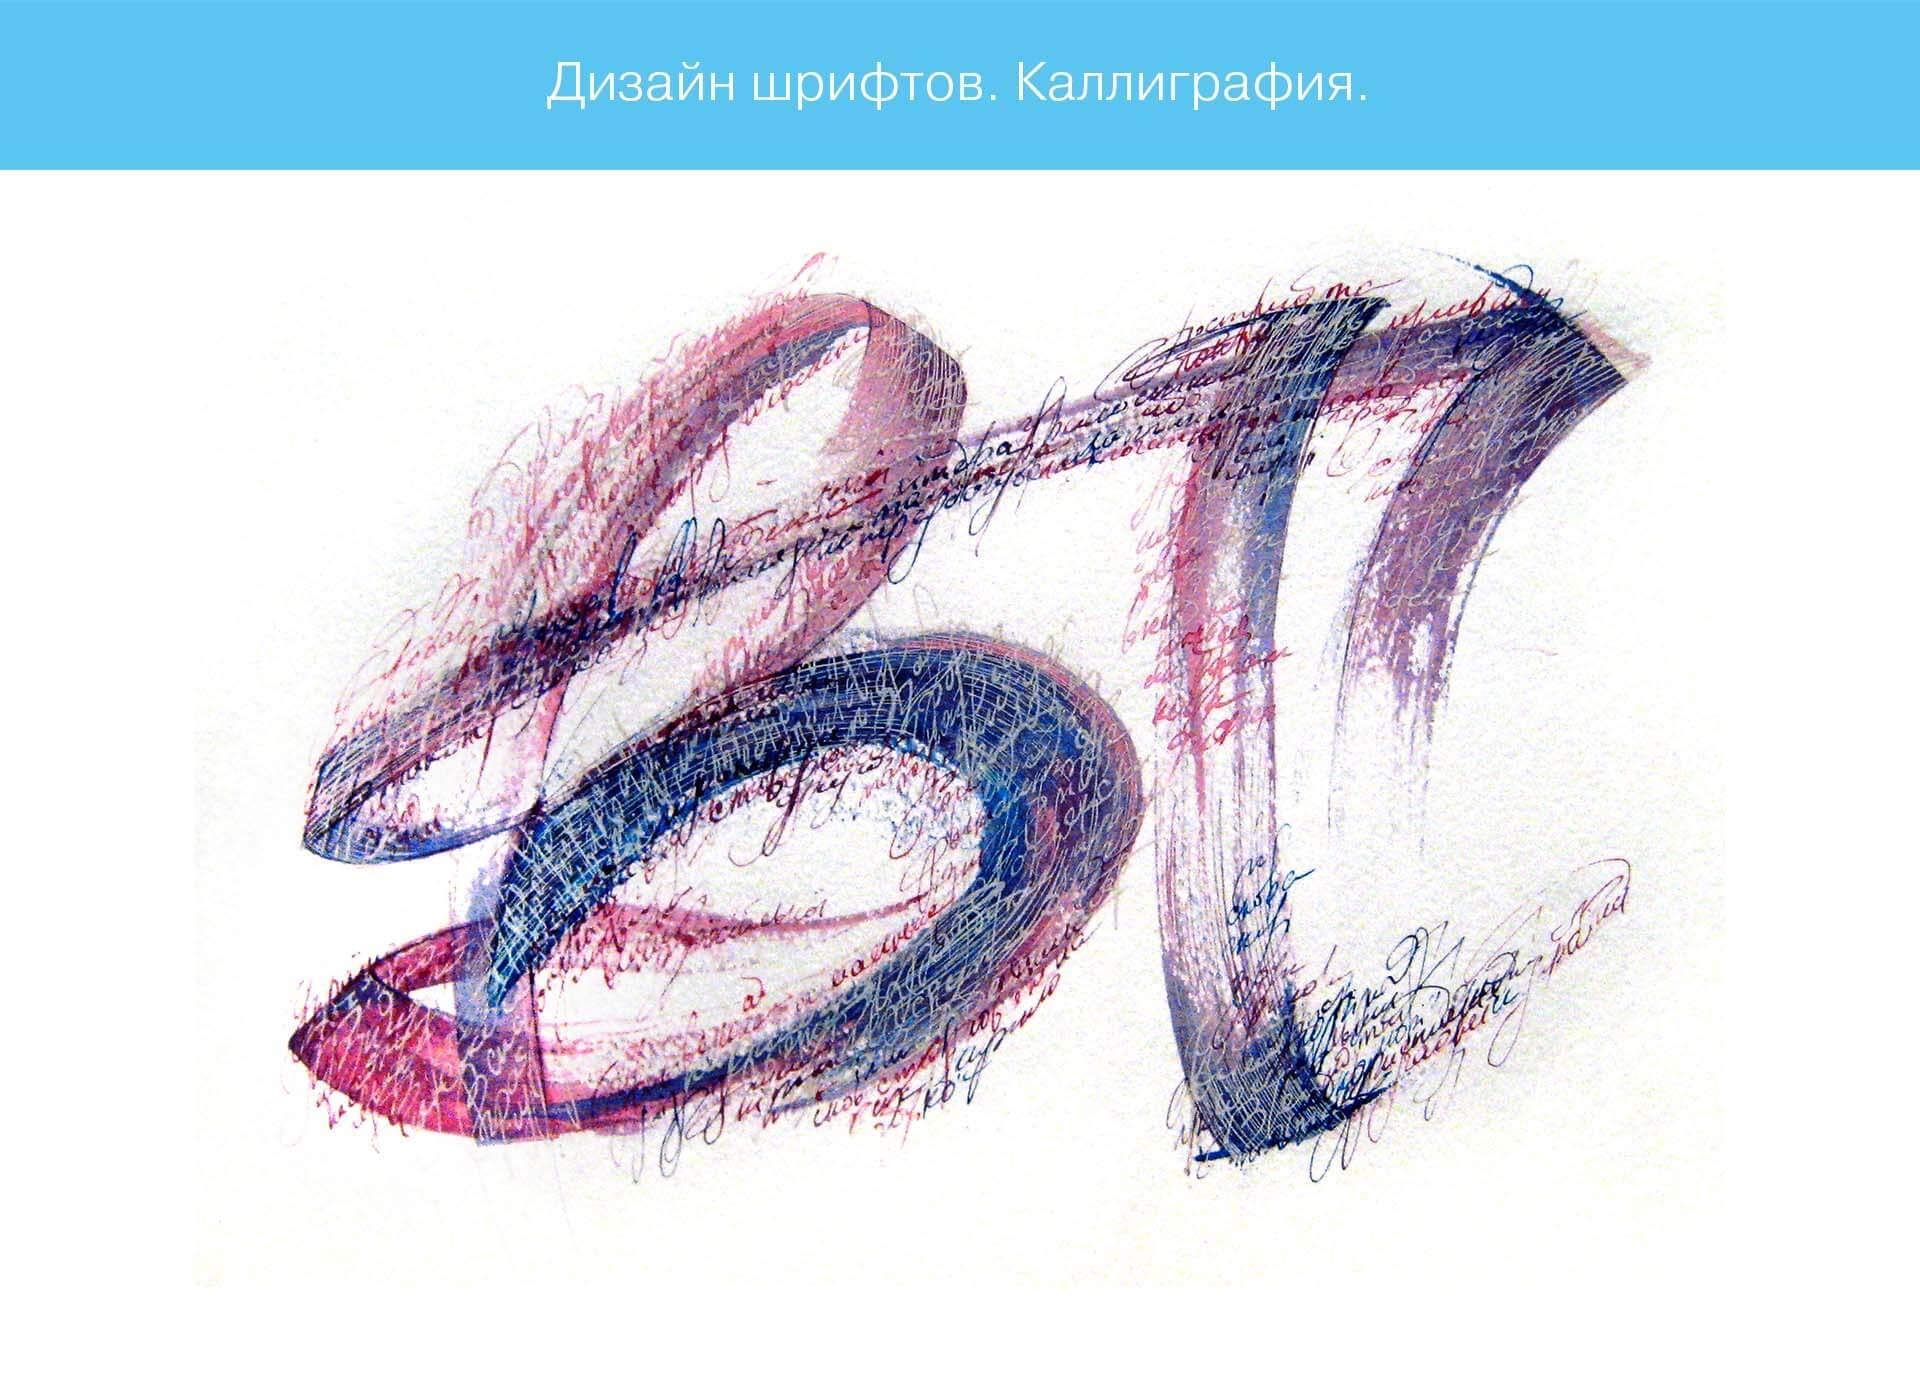 Prokochuk_Irina_font design_calligraphy_2